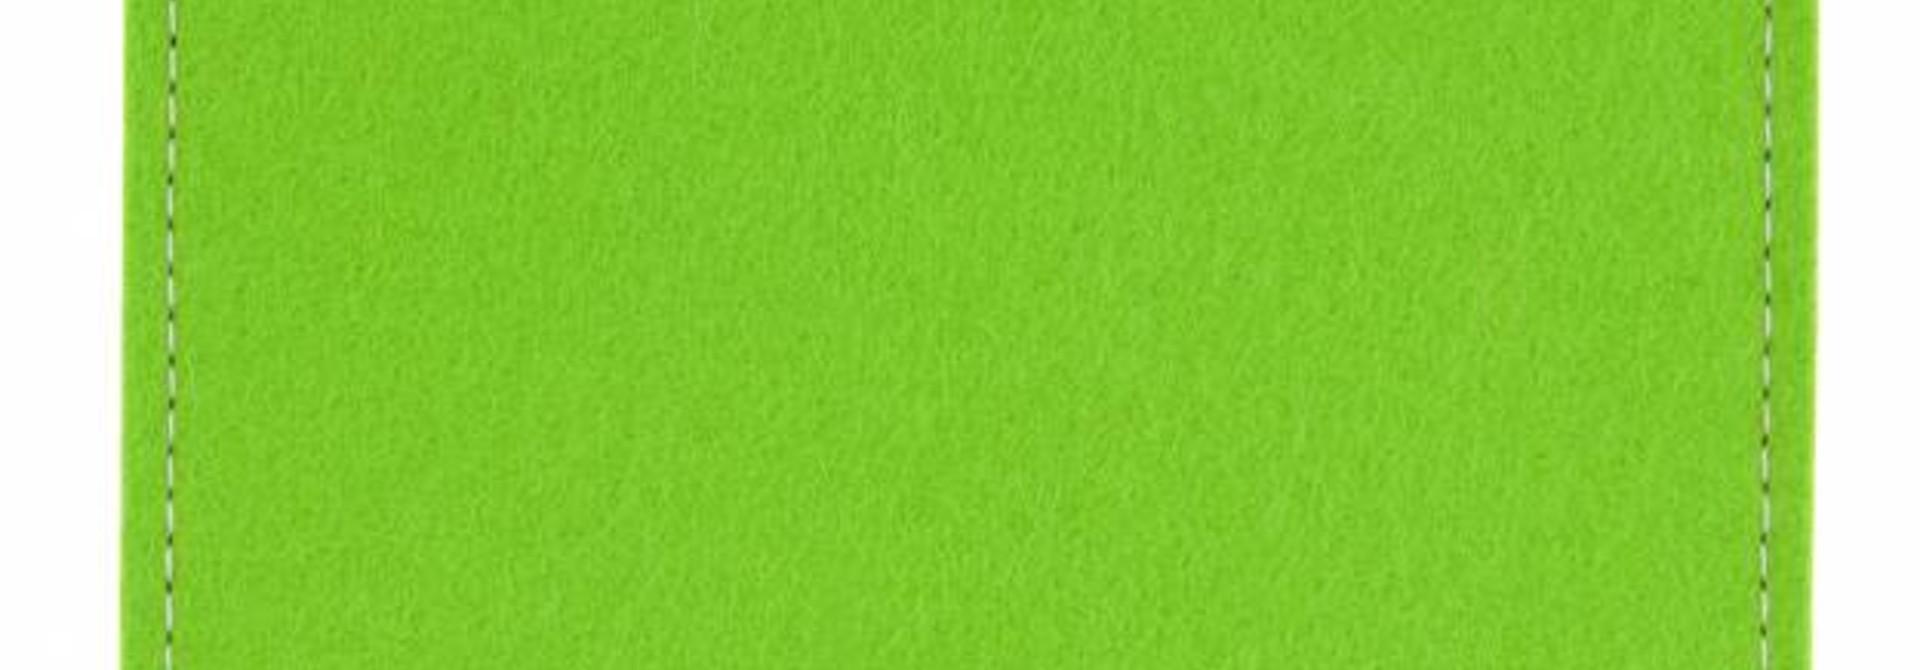 Xperia Tablet Sleeve Maigrün